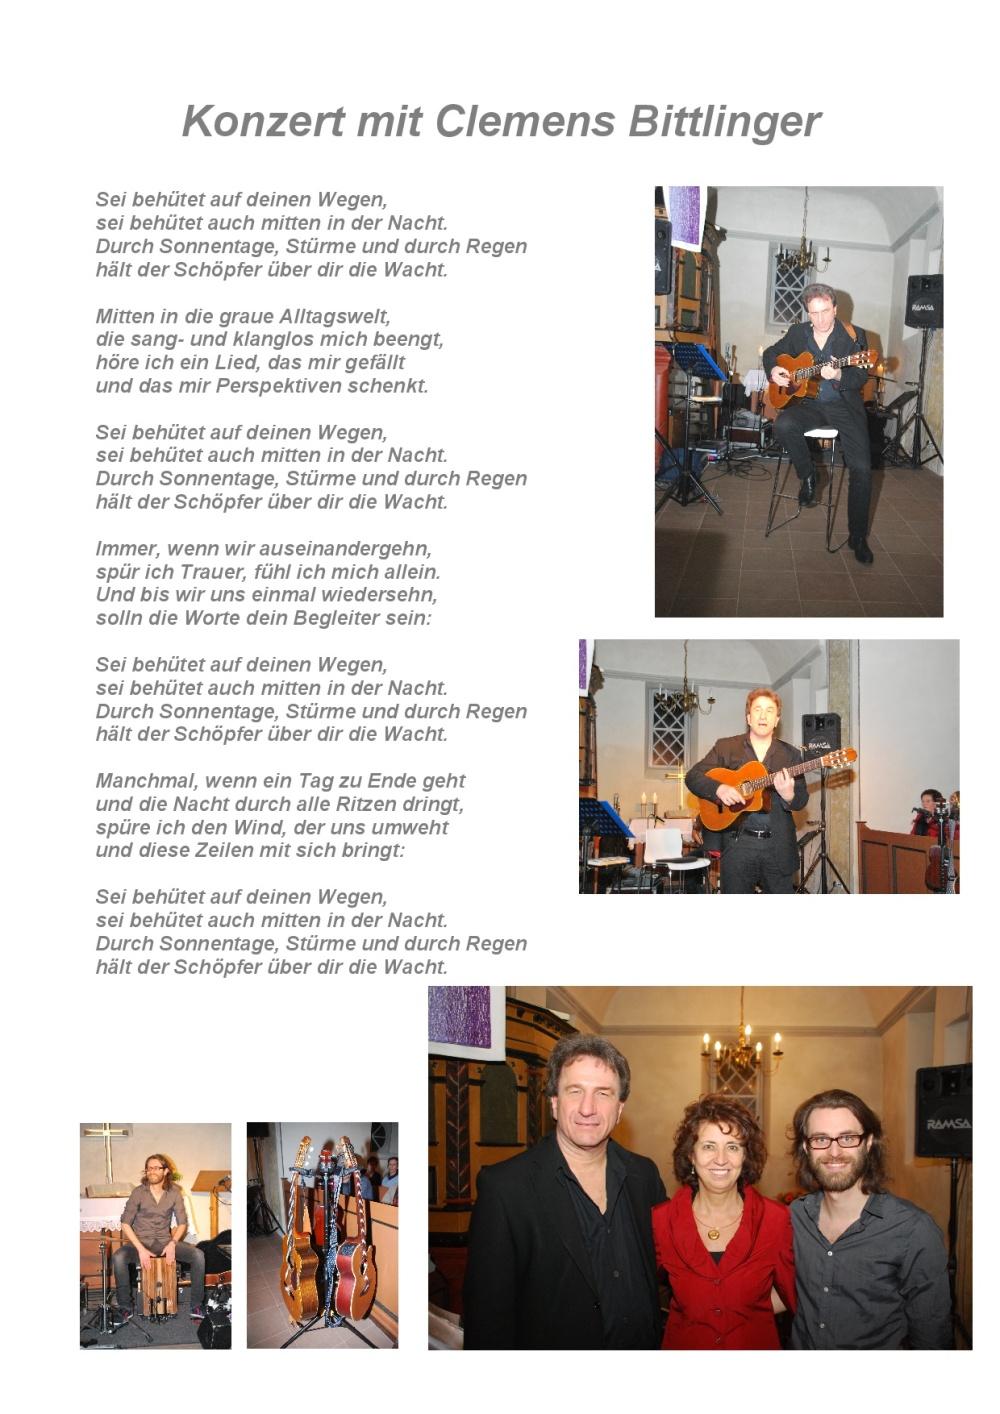 2016-02-26-konzert-mit-clemens-bittlinger-001